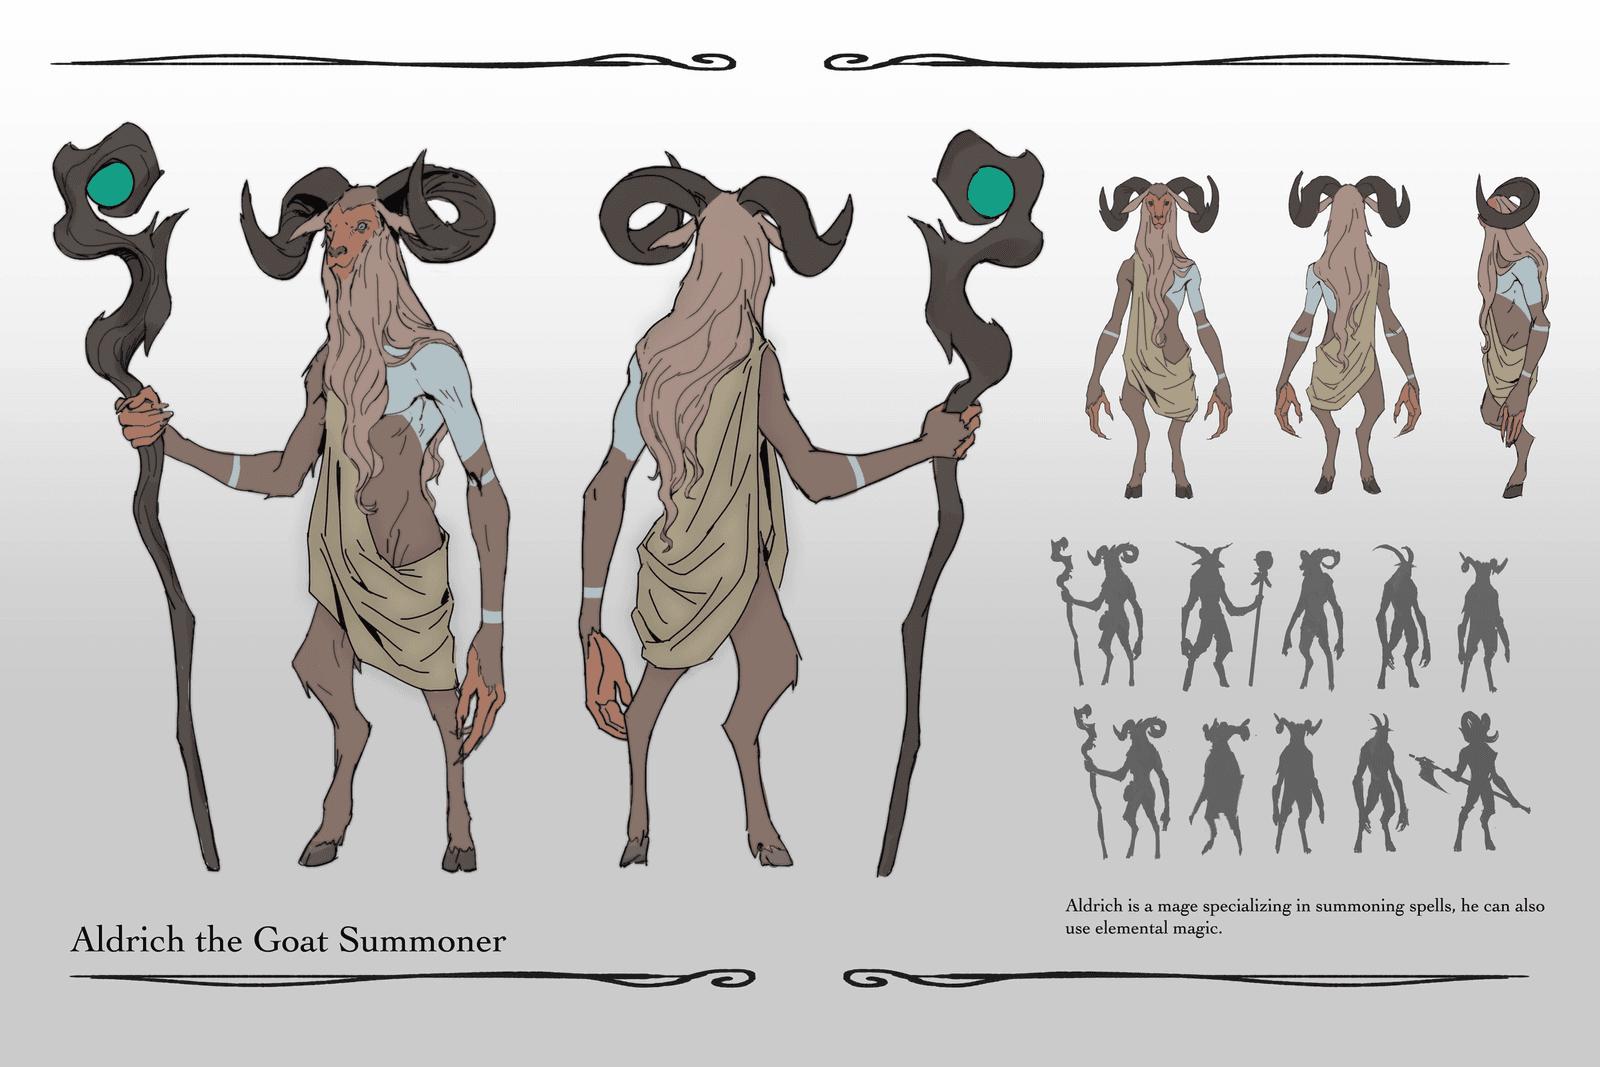 Alrdich the Goat Summoner